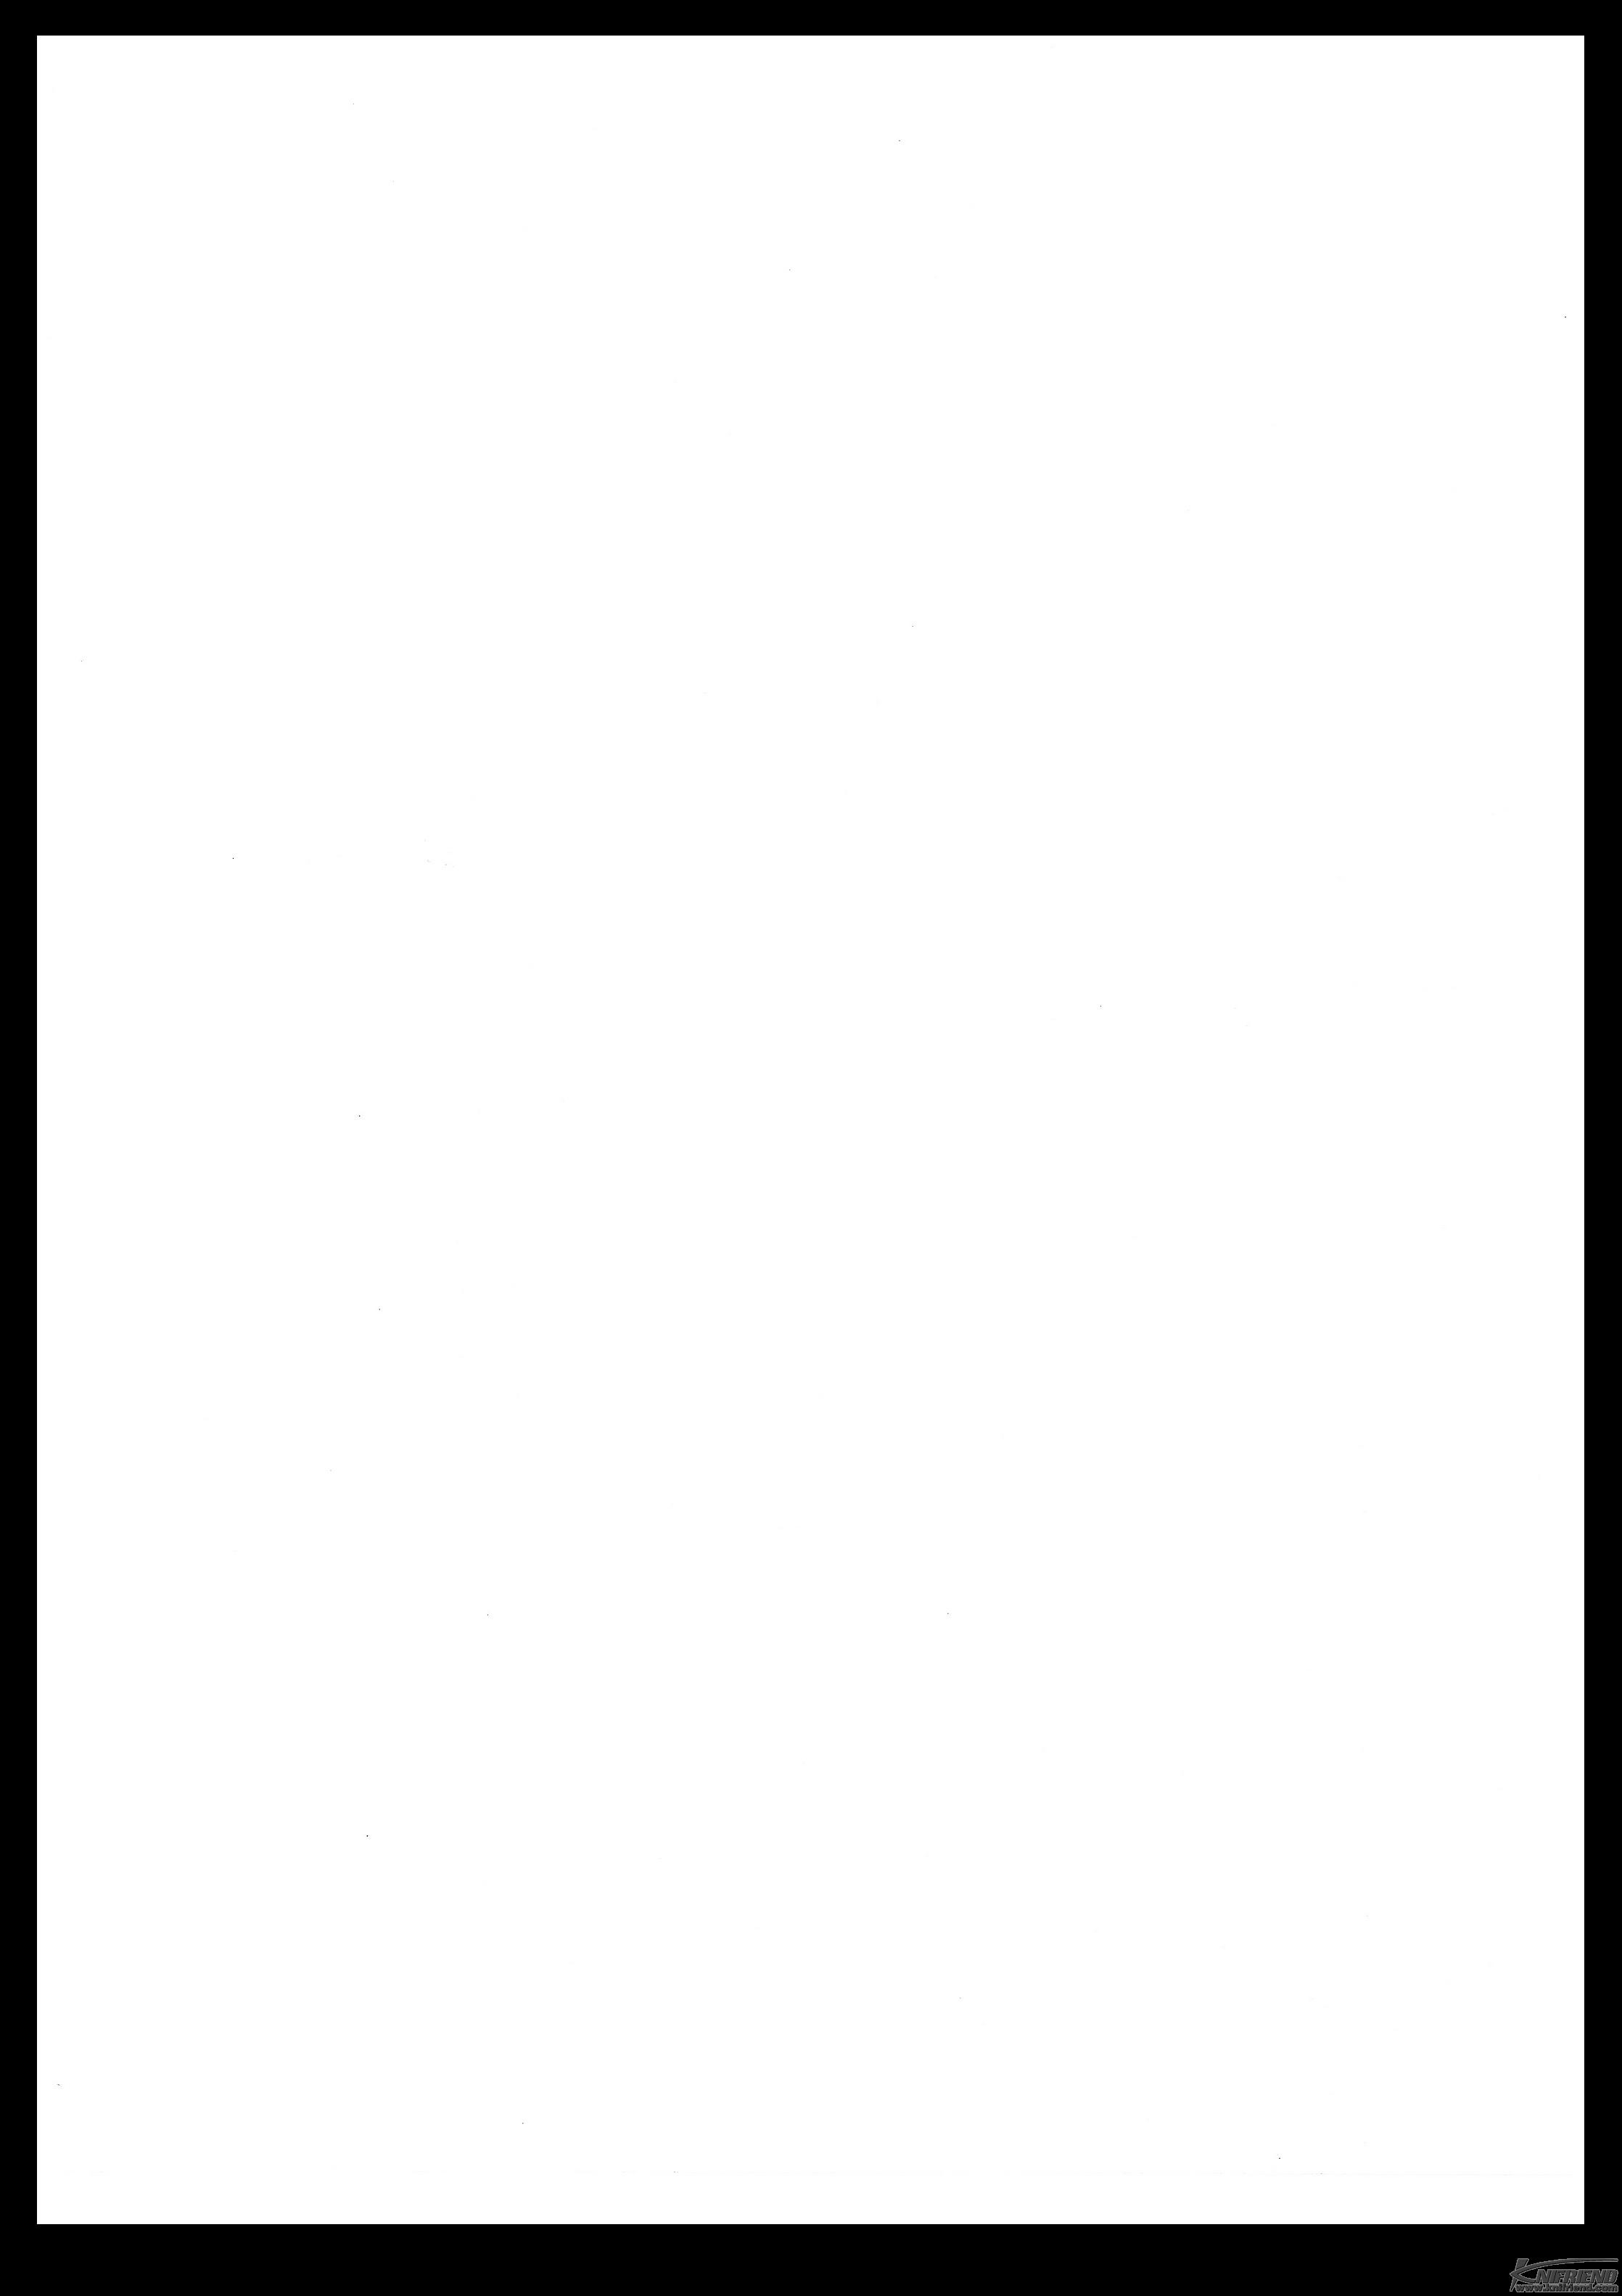 nEO_IMG_06.jpg